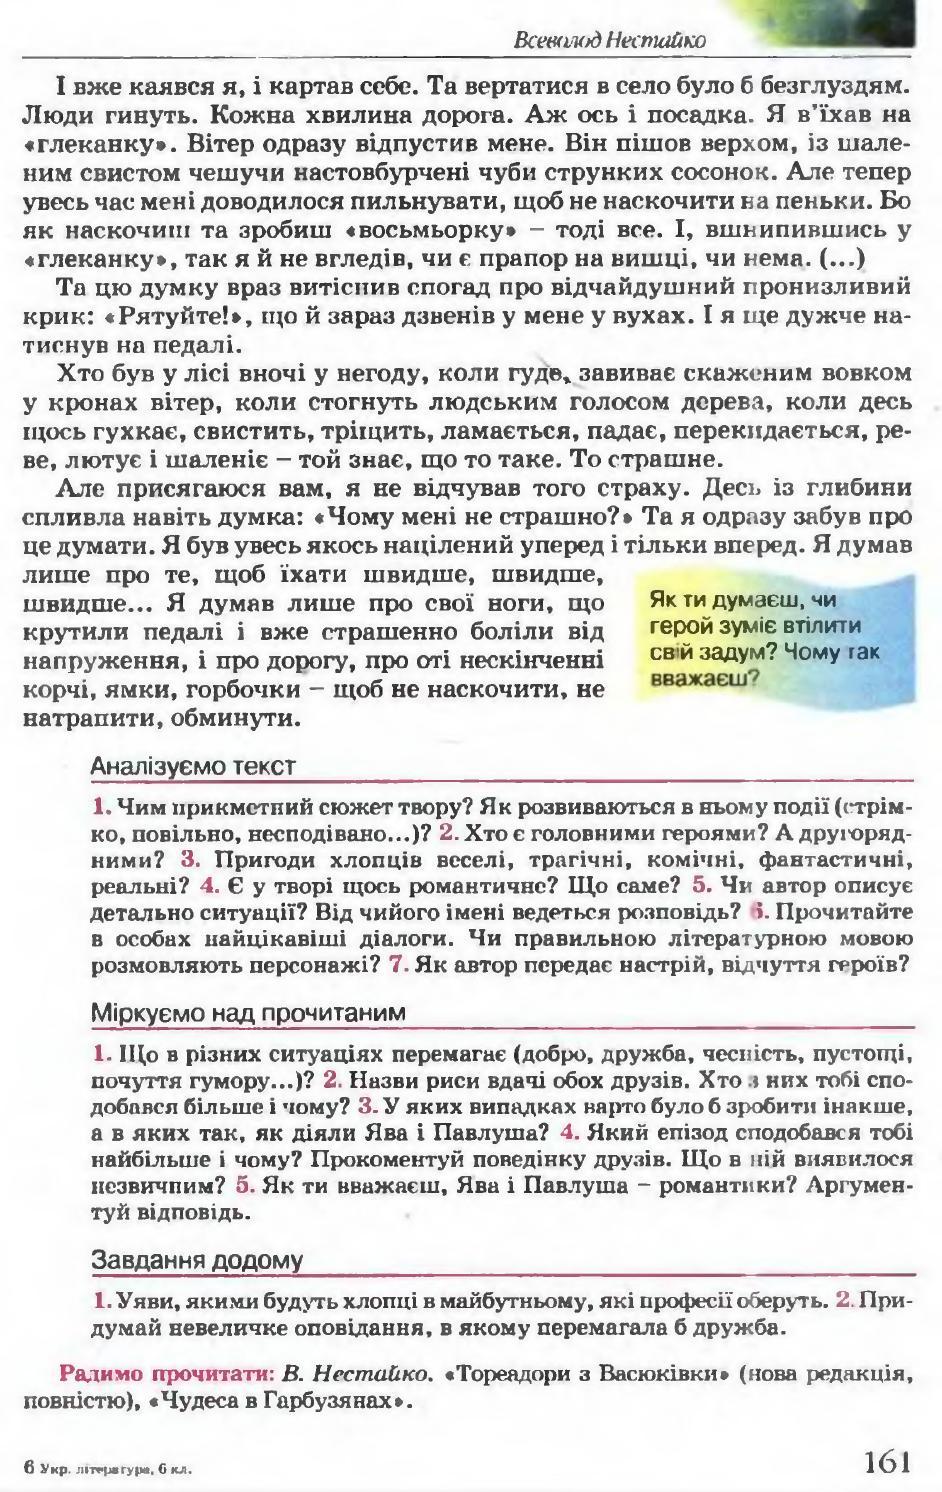 Решебник По Украинской Литературе 6 Класс Гуйванюк Бузинська